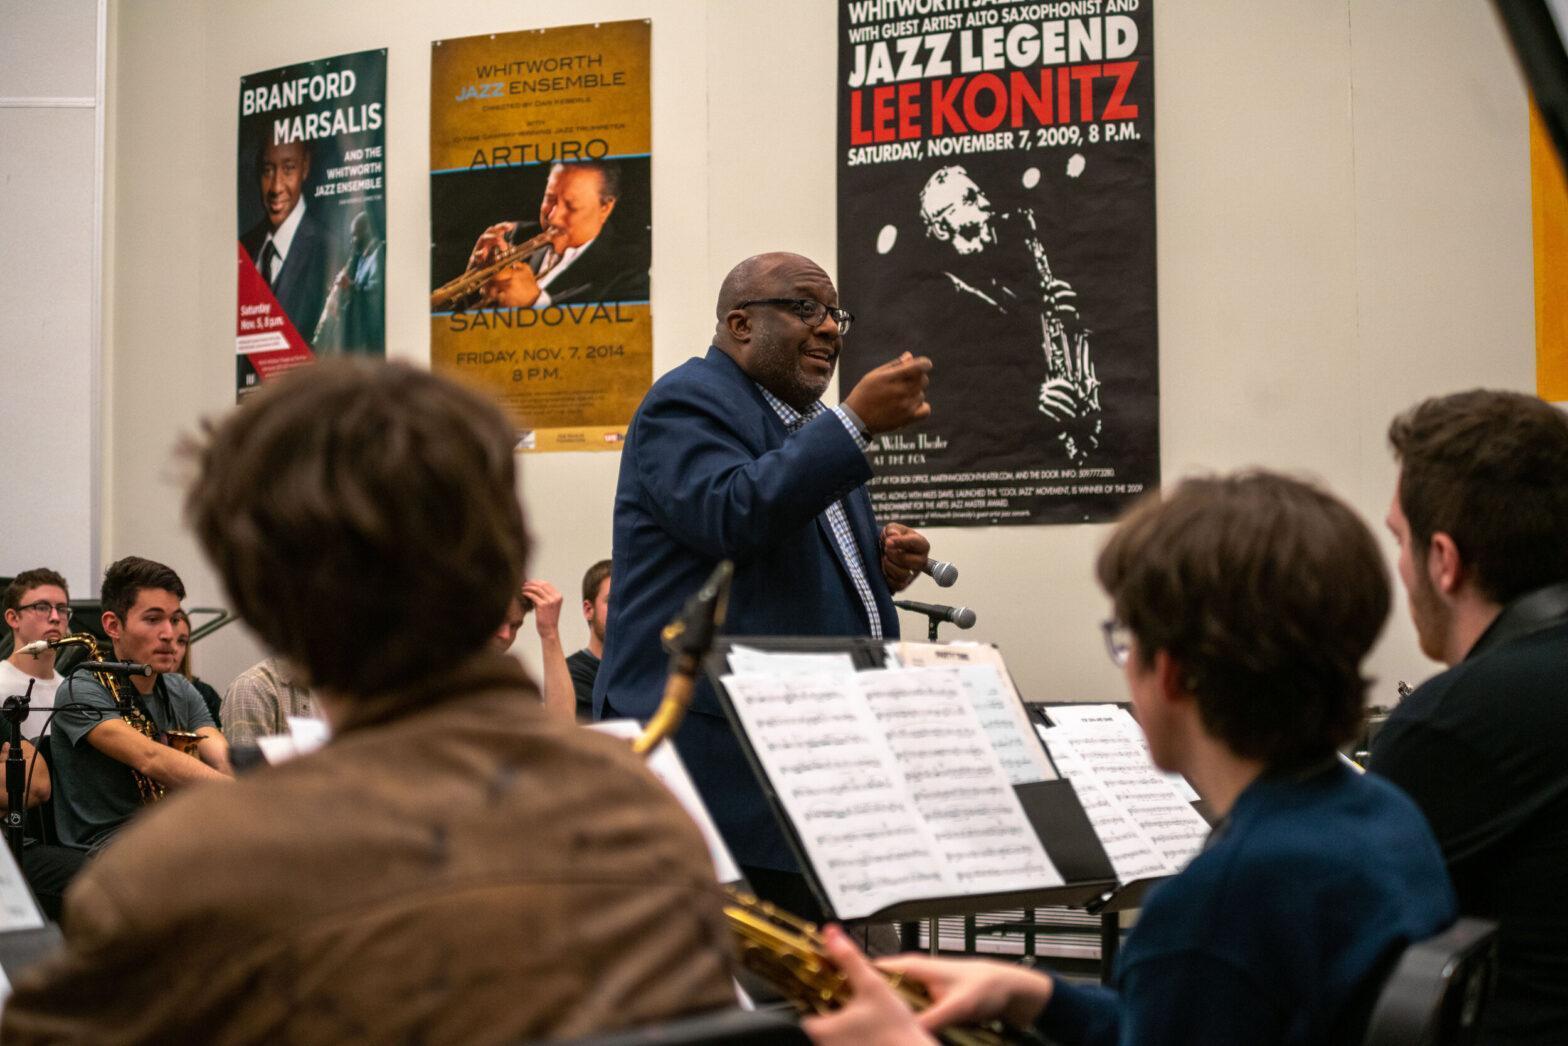 New York City jazz drummer Carl Allen works with Whitworth Jazz Ensemble